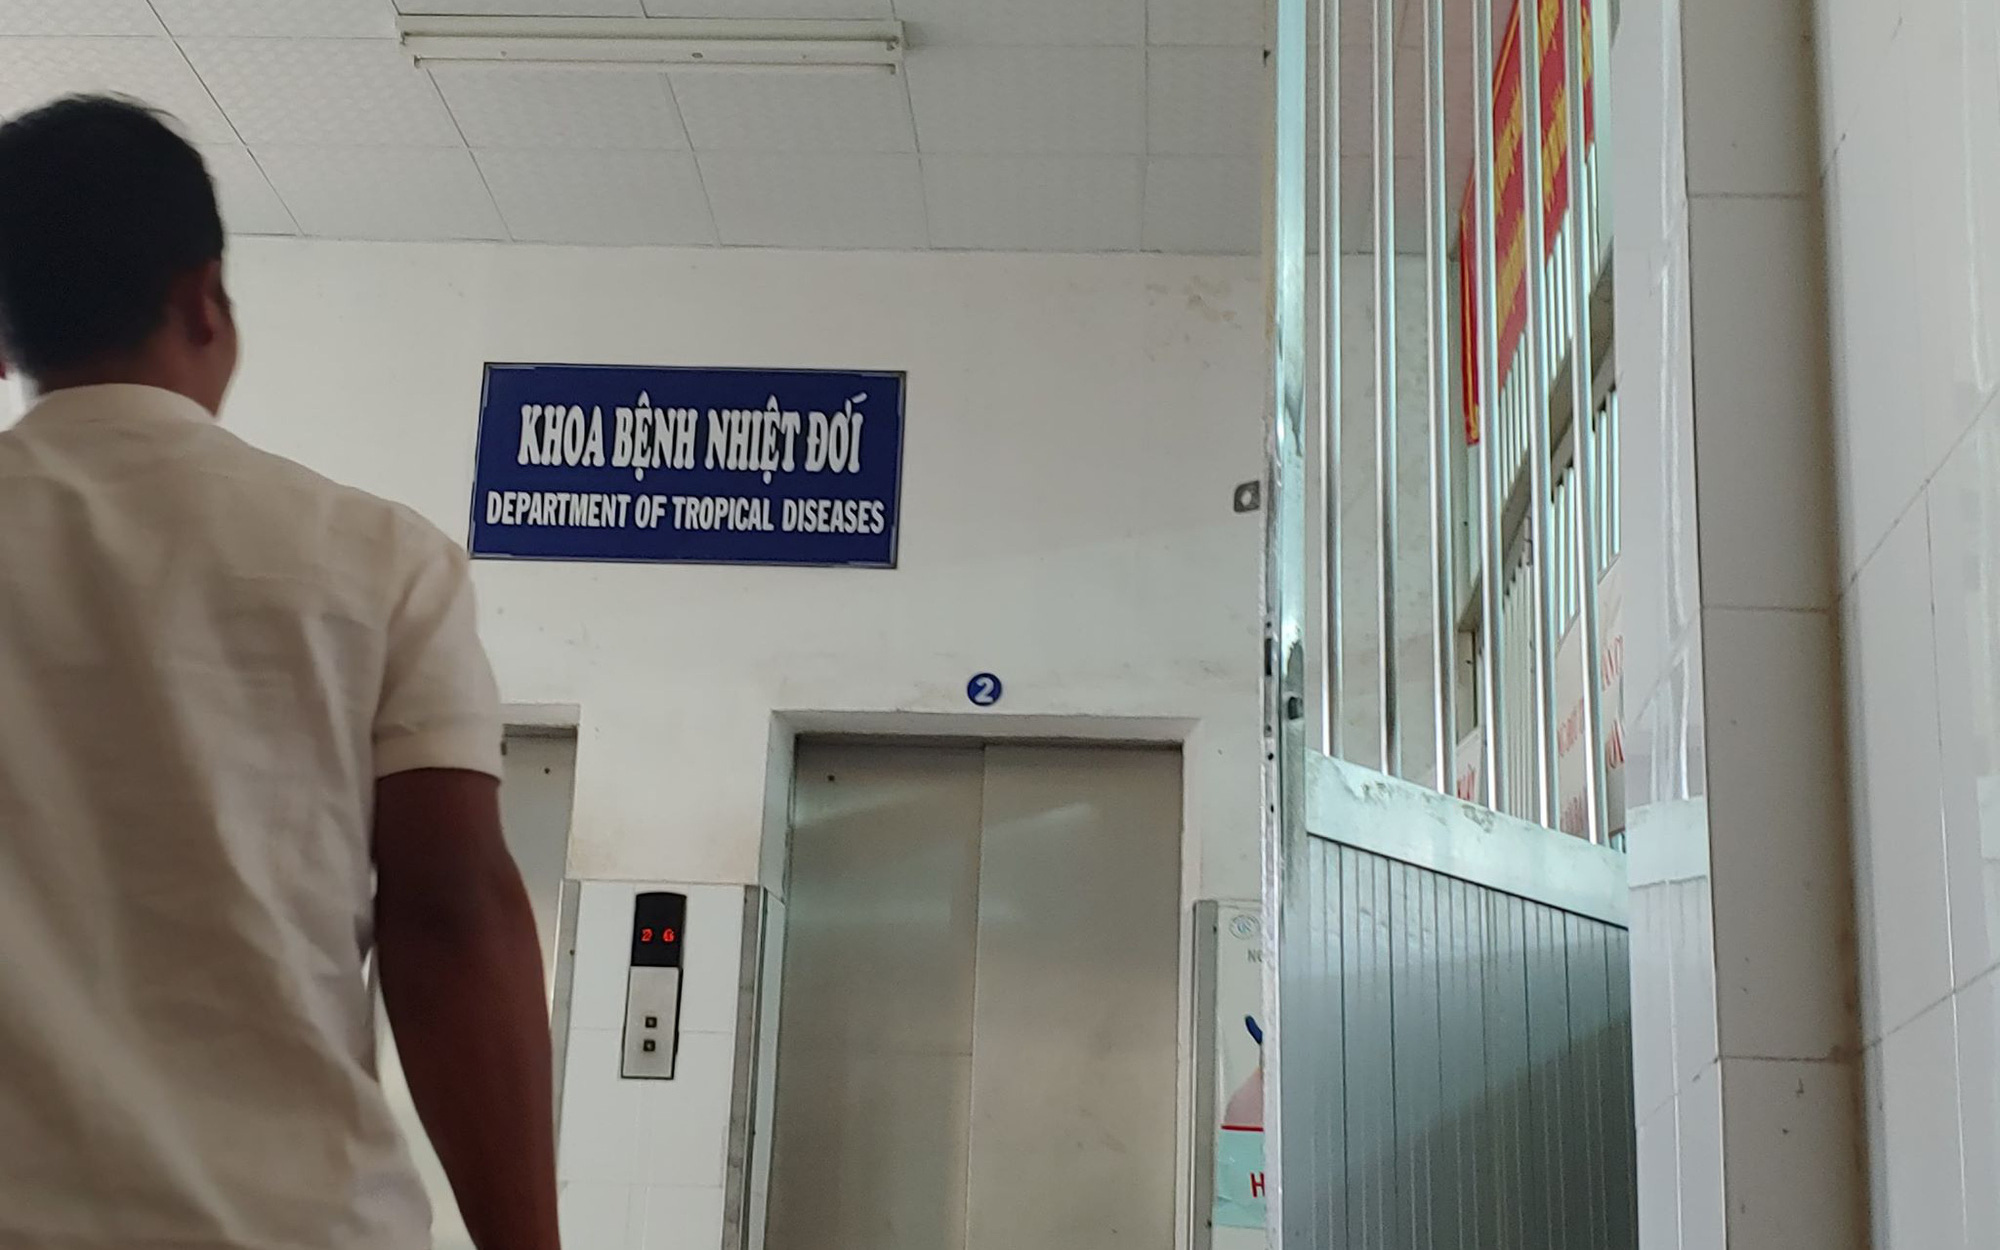 Du khách Trung Quốc vẫn nhập cảnh vào Việt Nam, TP.HCM kiểm soát virus corona thế nào?